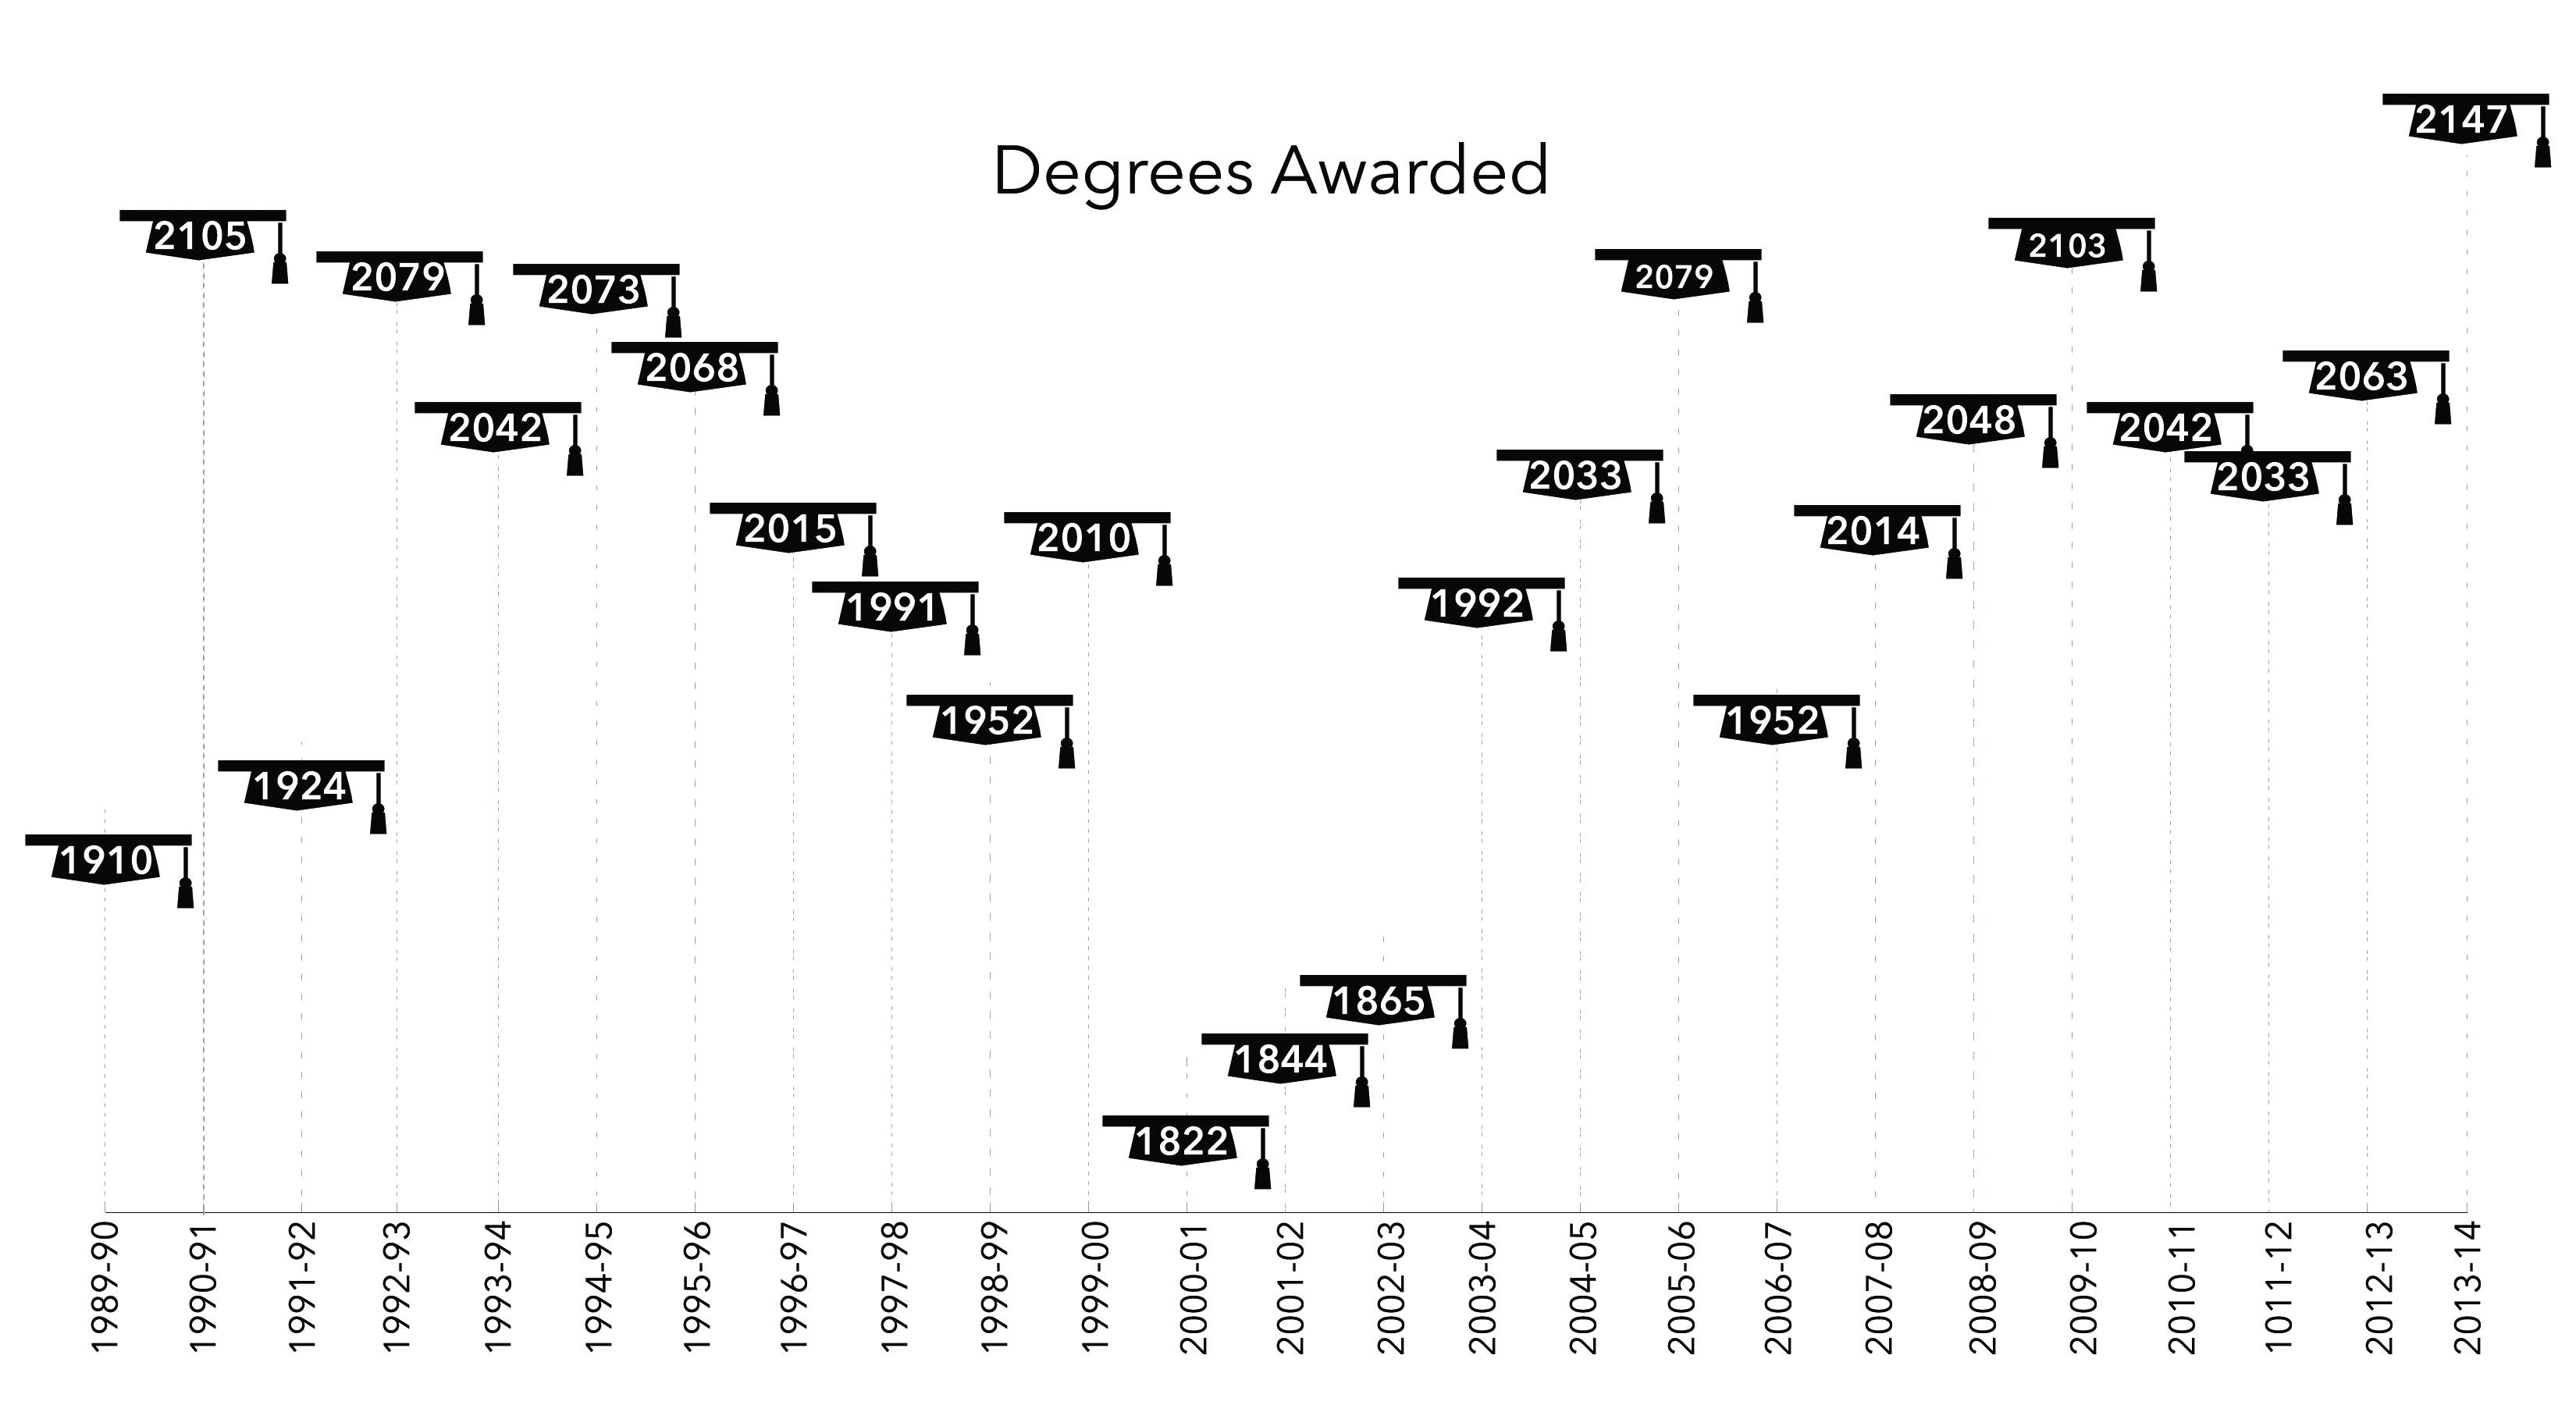 Degrees Awarded 1989-2014